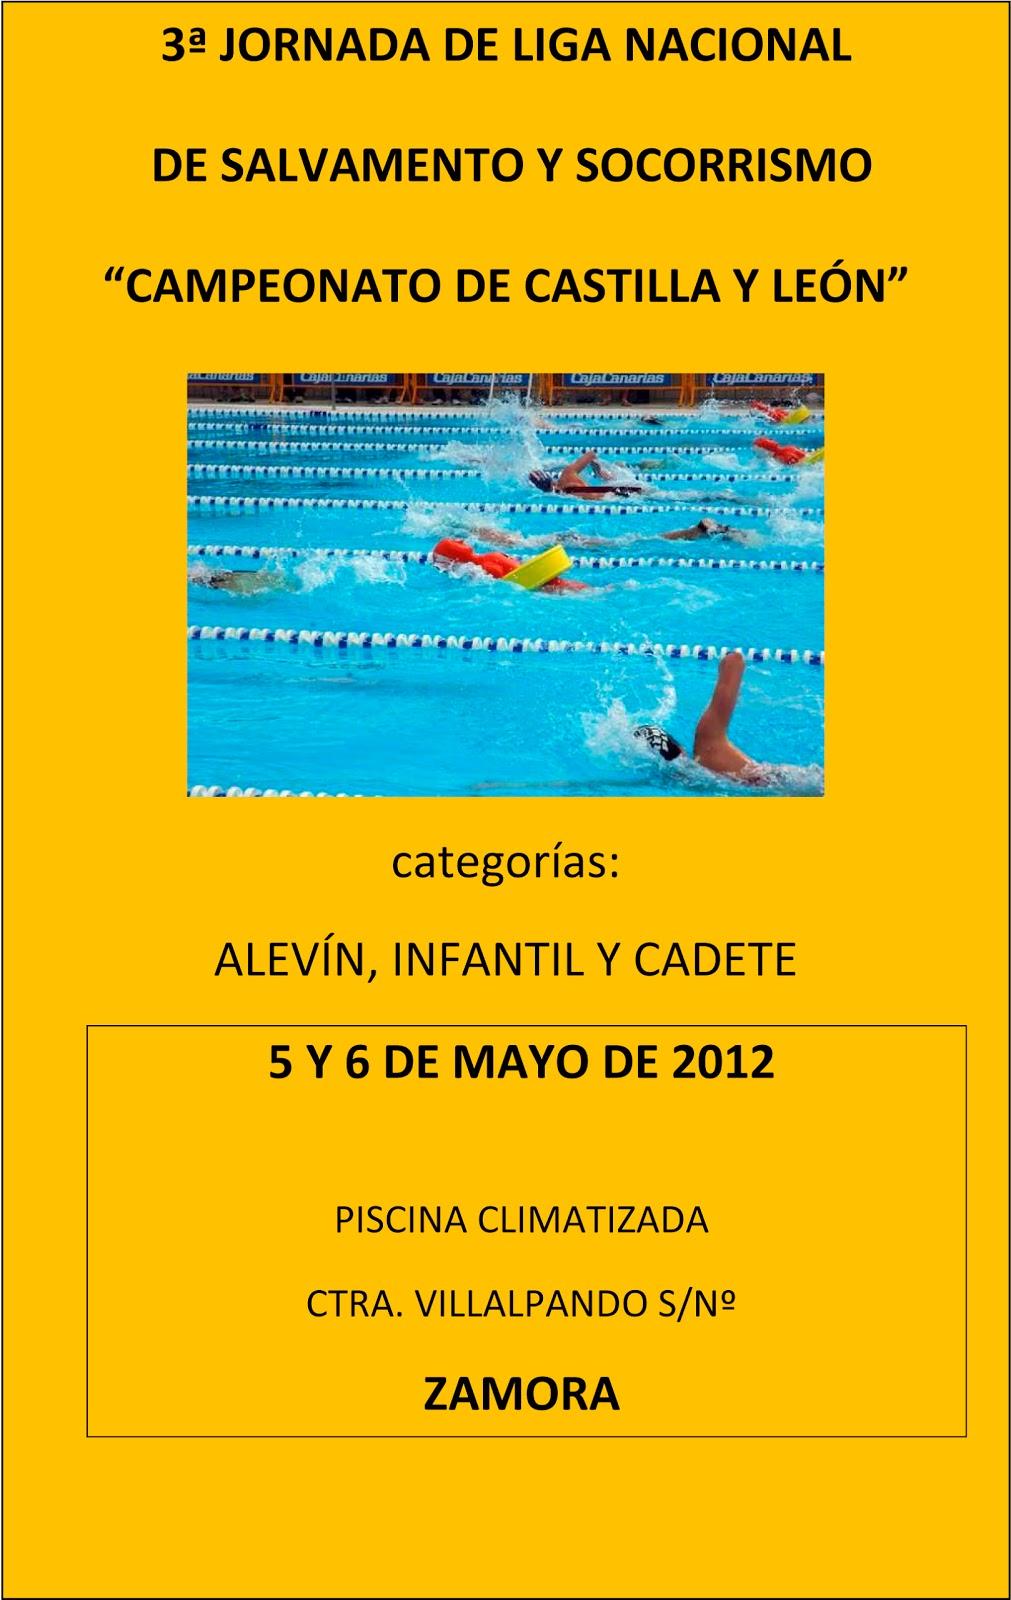 Cluboca sos campeonato castilla y leon zamora 5 y 6 de mayo for Piscina climatizada de zamora